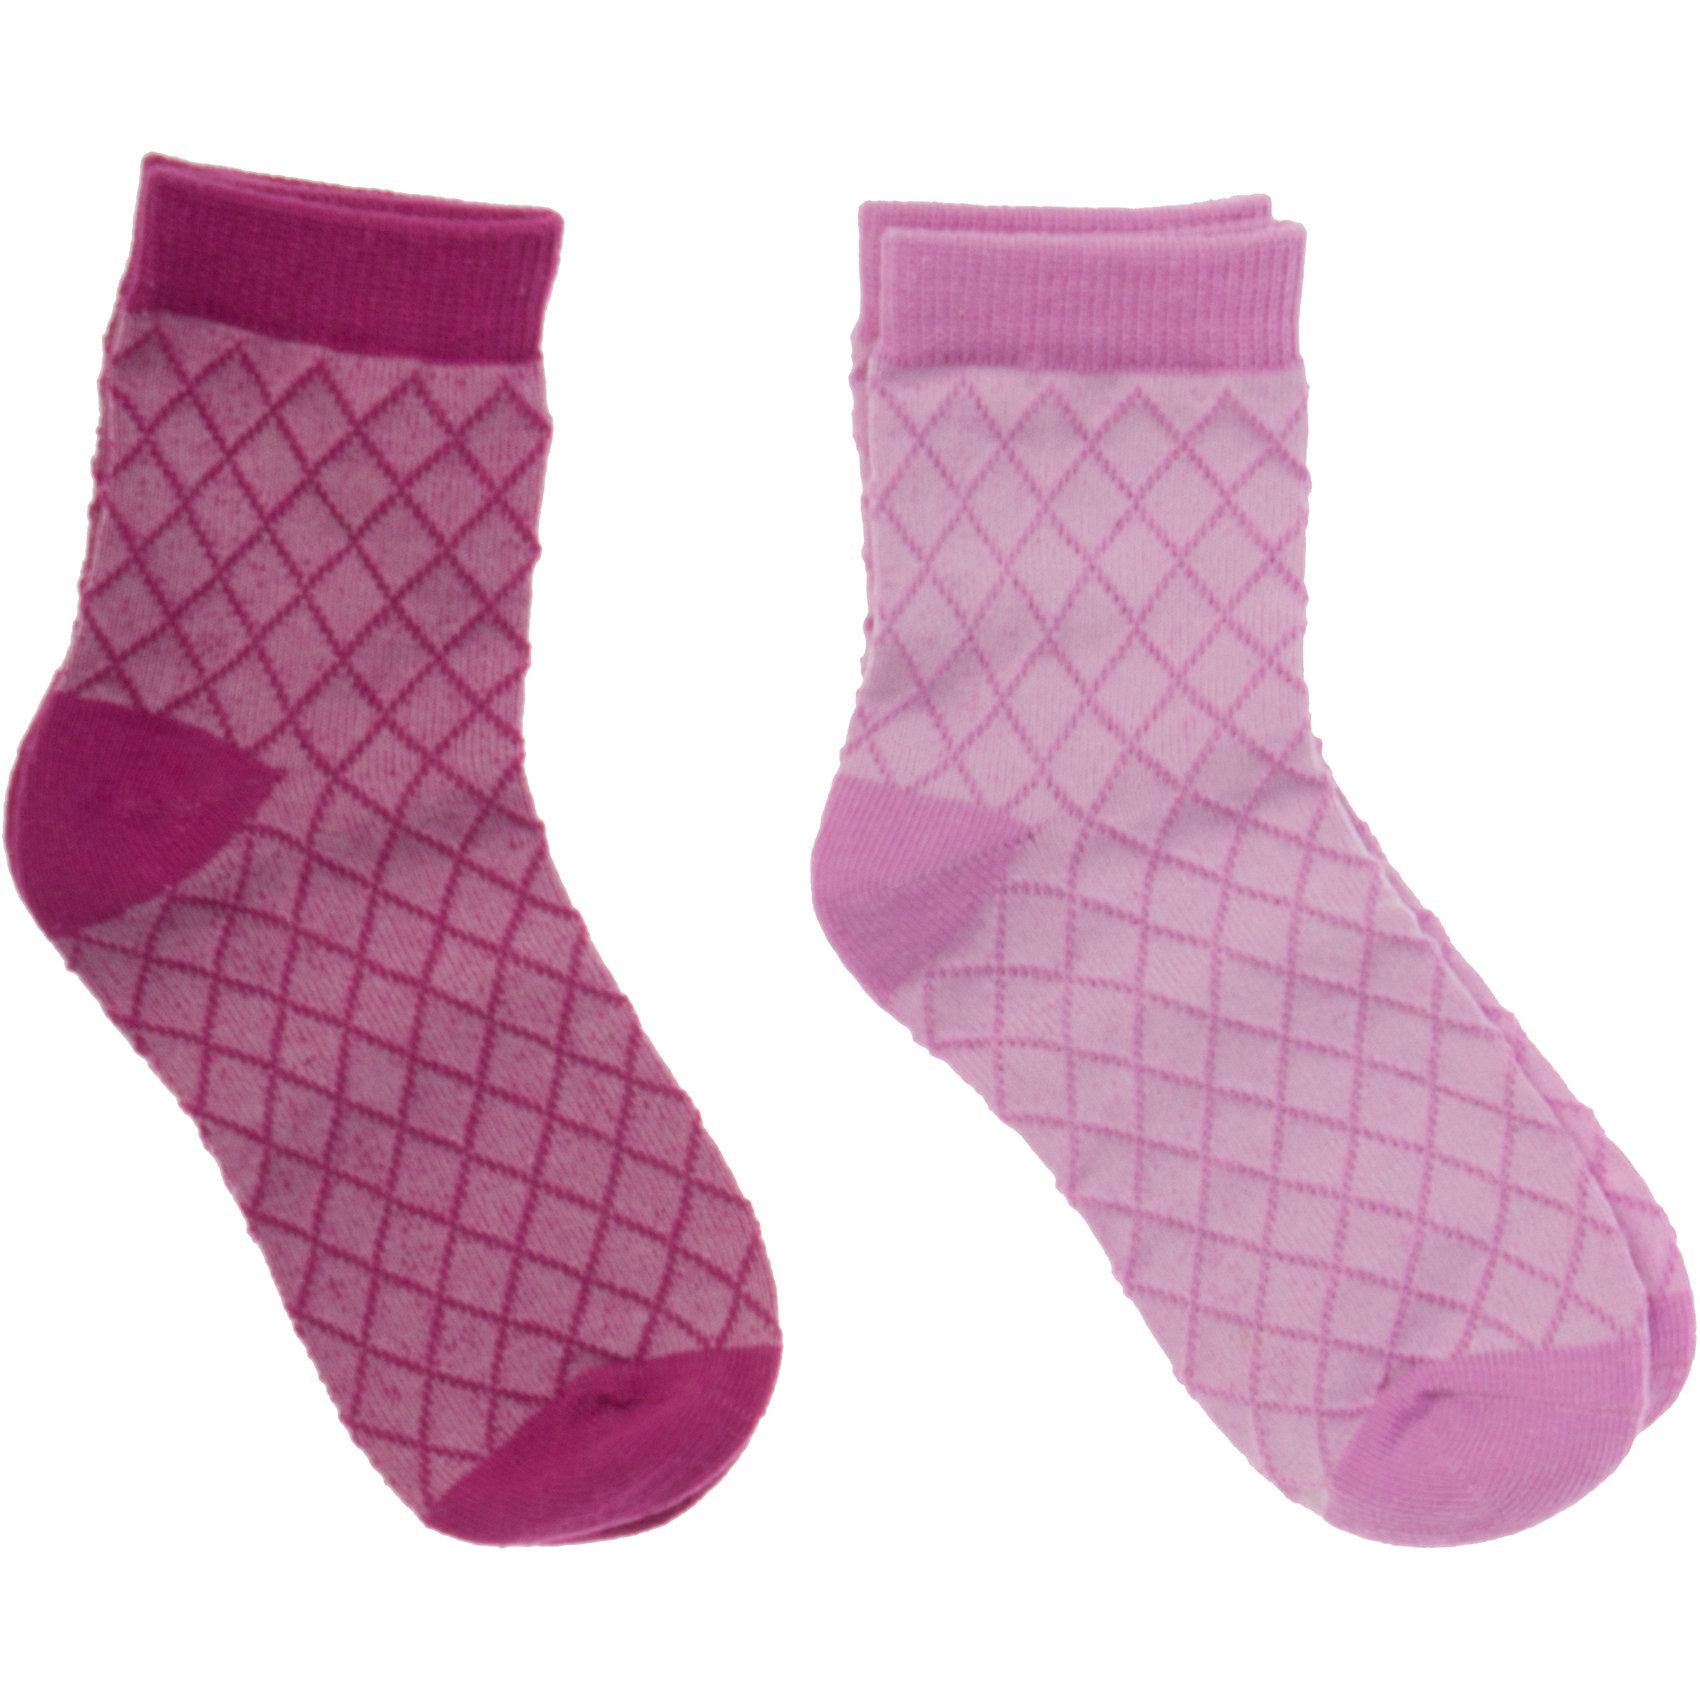 Носки ( 2 шт.) для девочки PlayTodayНоски<br>Носки для девочки PlayToday <br><br>Состав: 75% хлопок, 22% нейлон, 3% эластан <br><br>Мягкая резинка сверху<br>Необычный узор - ромбики, как вафелька<br><br>Ширина мм: 87<br>Глубина мм: 10<br>Высота мм: 105<br>Вес г: 115<br>Цвет: розовый<br>Возраст от месяцев: 60<br>Возраст до месяцев: 84<br>Пол: Женский<br>Возраст: Детский<br>Размер: 98/104,122/128,110/116<br>SKU: 4502316